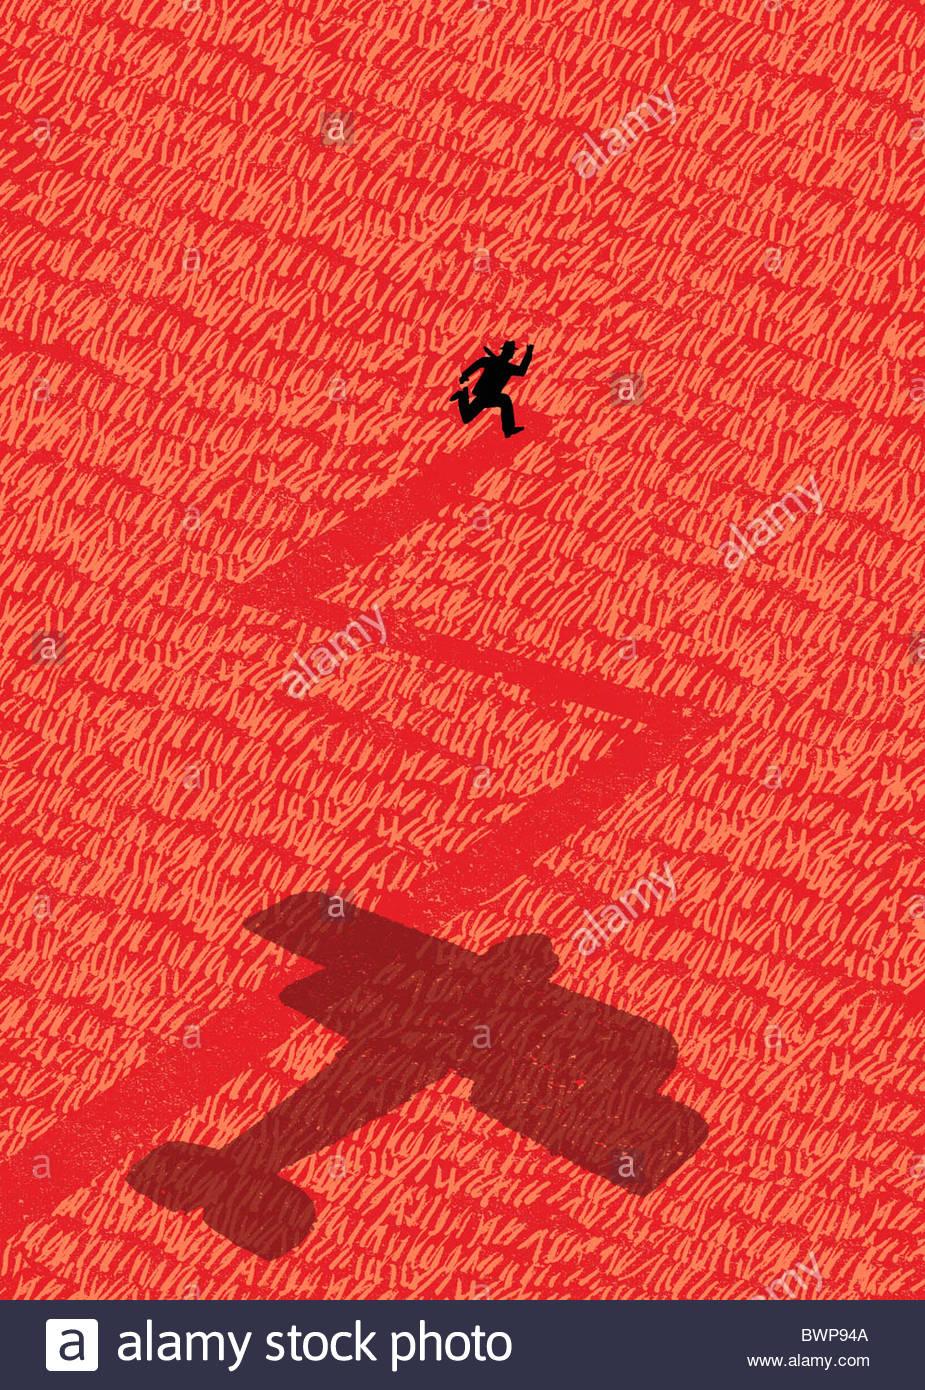 Altmodische Flugzeug jagt Man durch Feld Stockfoto